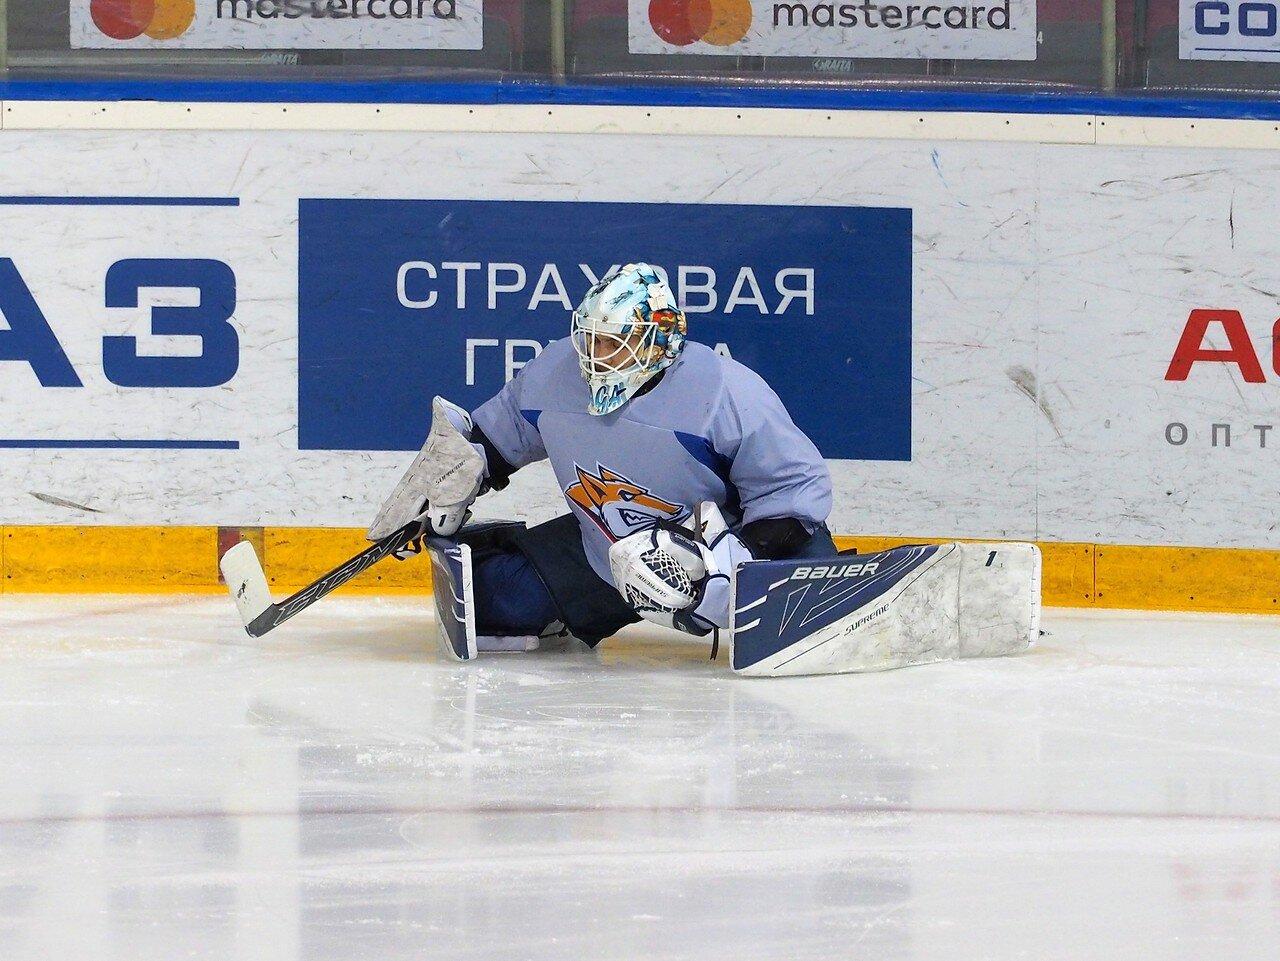 15 Открытая тренировка перед финалом плей-офф восточной конференции КХЛ 2017 22.03.2017